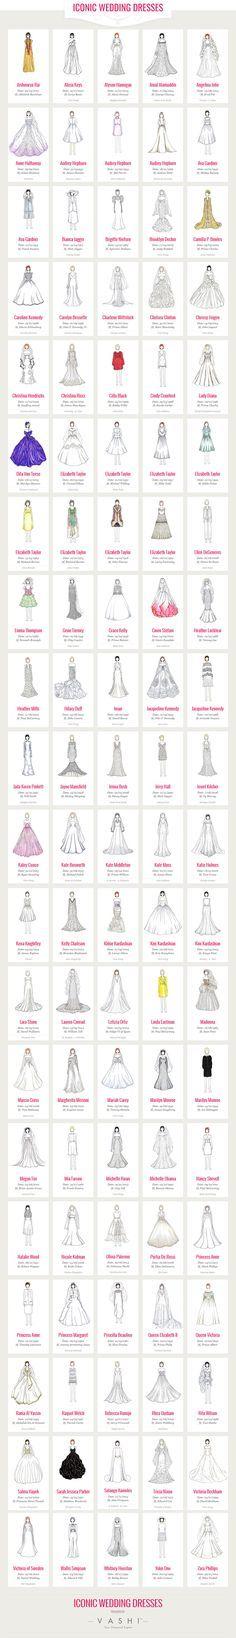 He aquí la fabulosa versión del gráfico con los 100 vestidos, desde la actriz india Aishawarya Rai hasta la real Zara Phillips. Es difícil escoger solo UNO: | Aquí presentamos los 100 vestidos de novia con más estilo de las celebridades